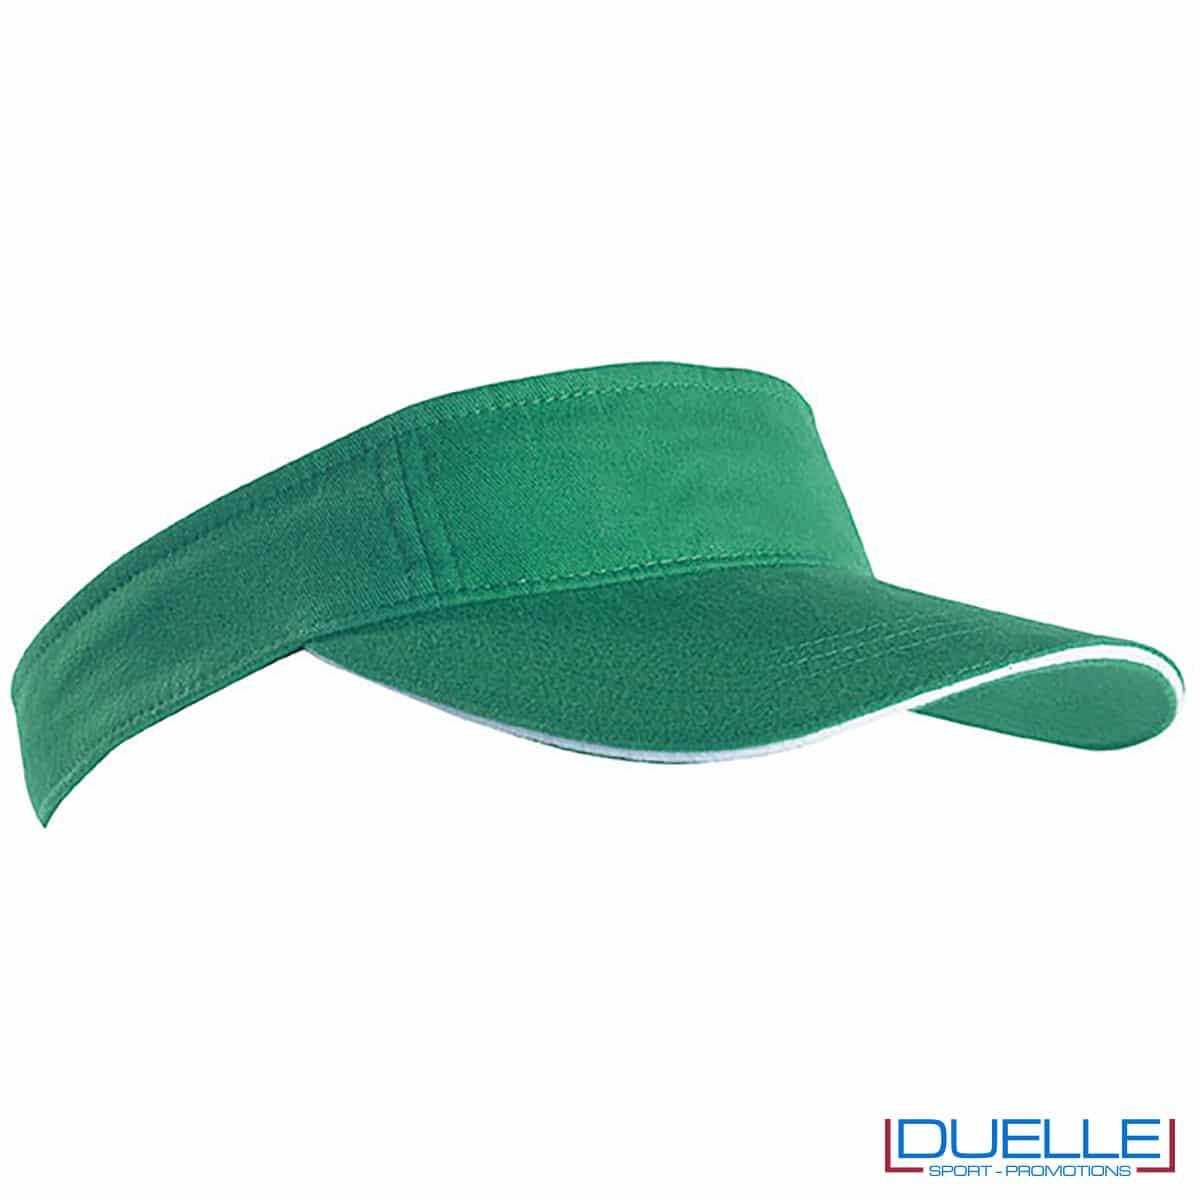 cappello con visiera a sandwich verde e bianco